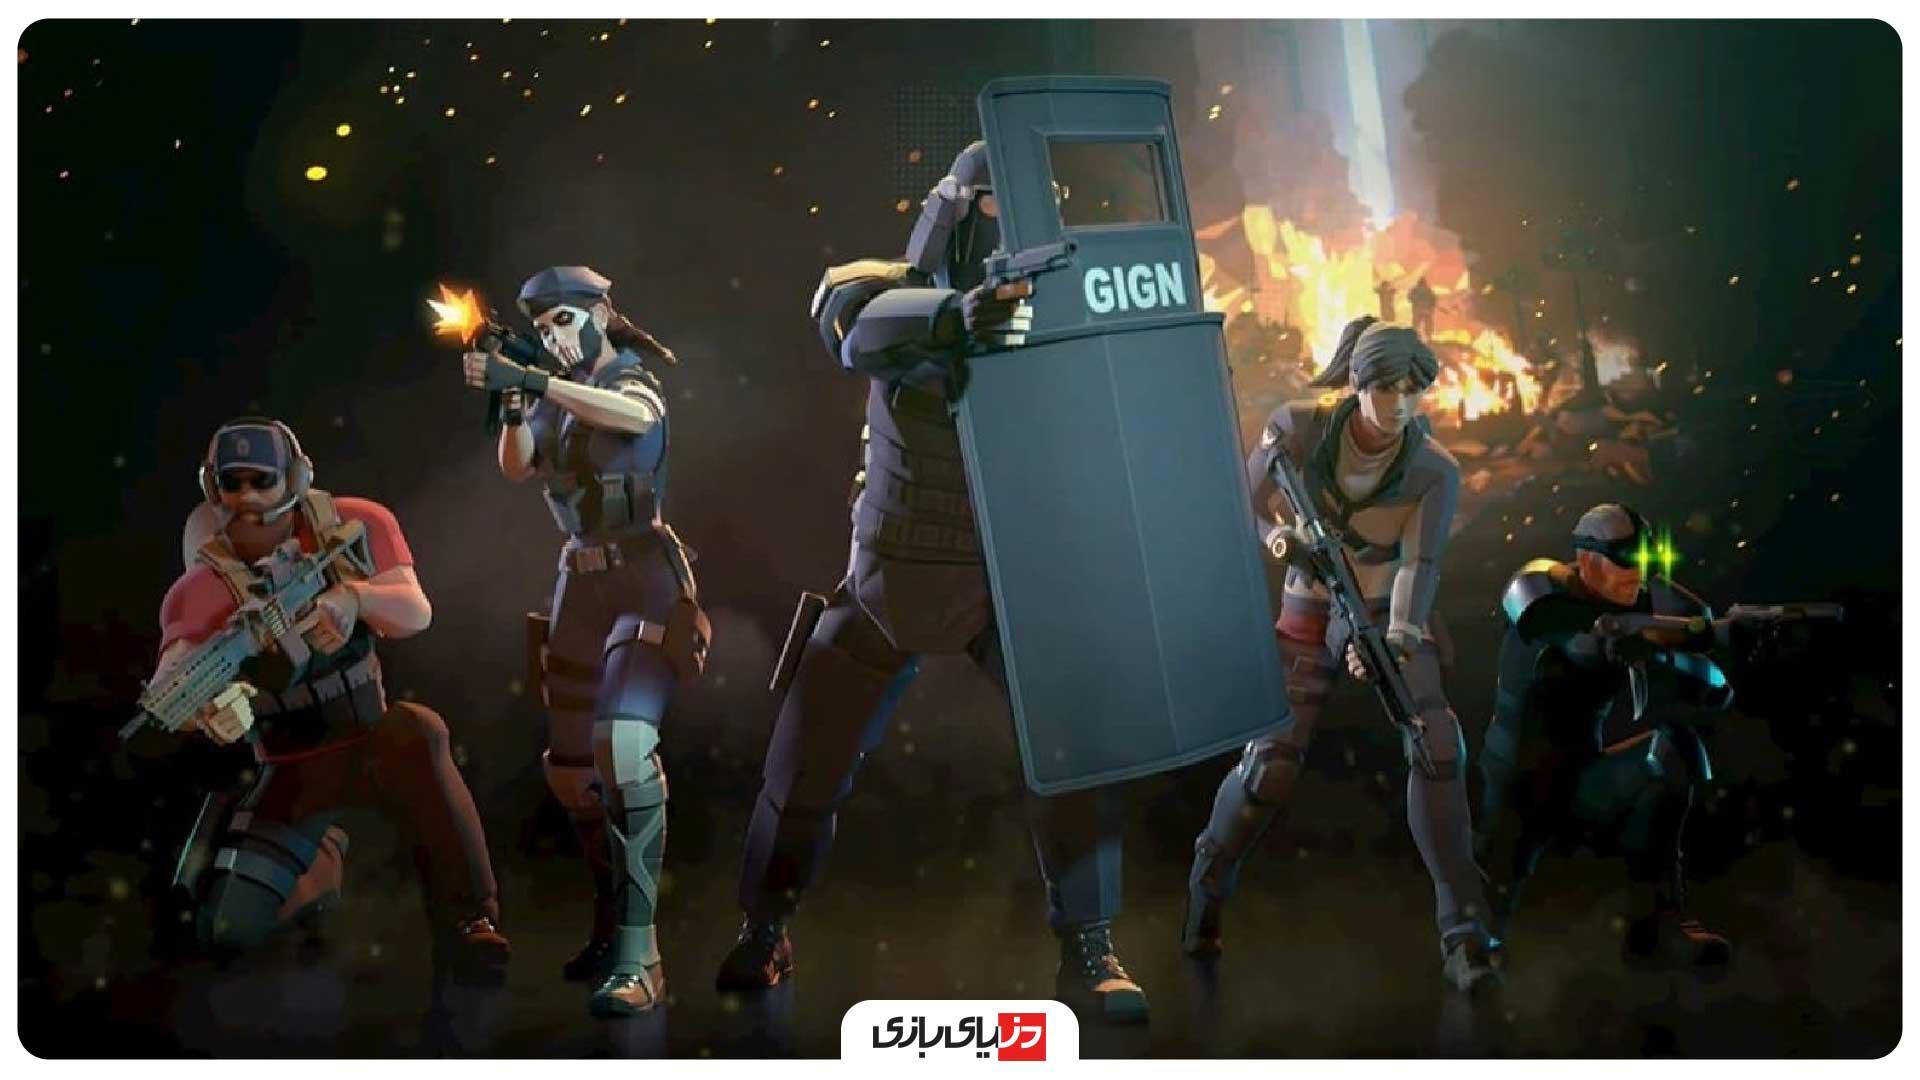 دانلود بازی جنگی آنلاین برای موبایل